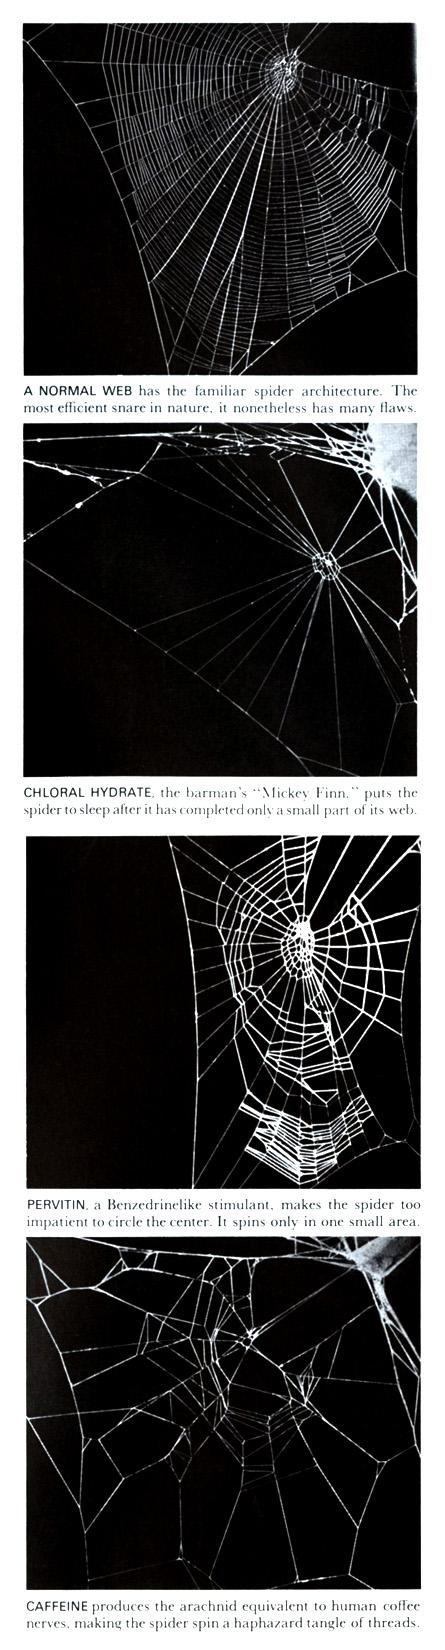 Drunken Spiders